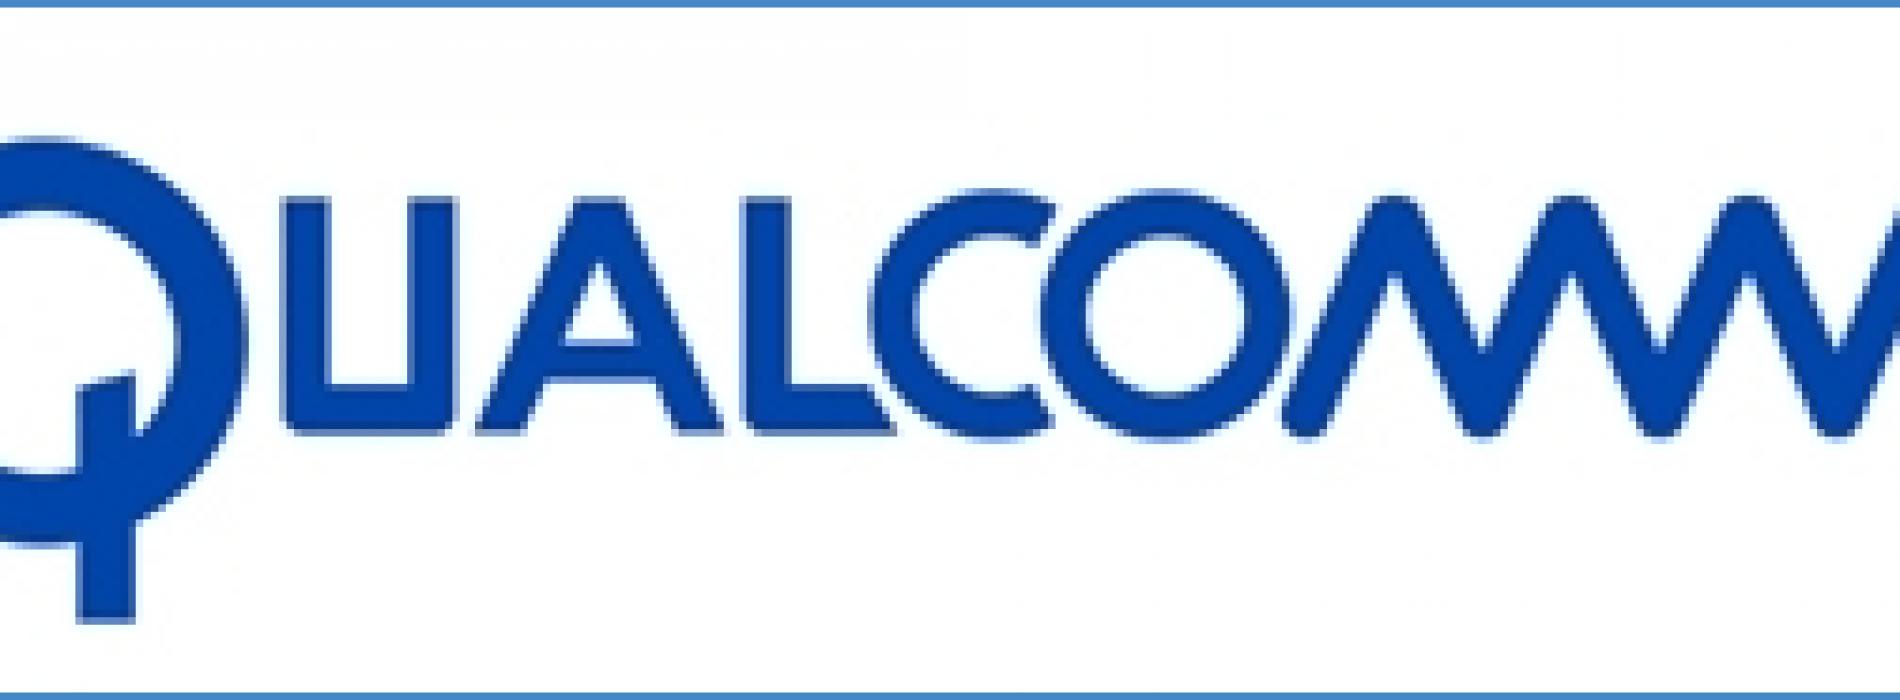 Qualcomm pulls in record-breaking revenue in first quarter